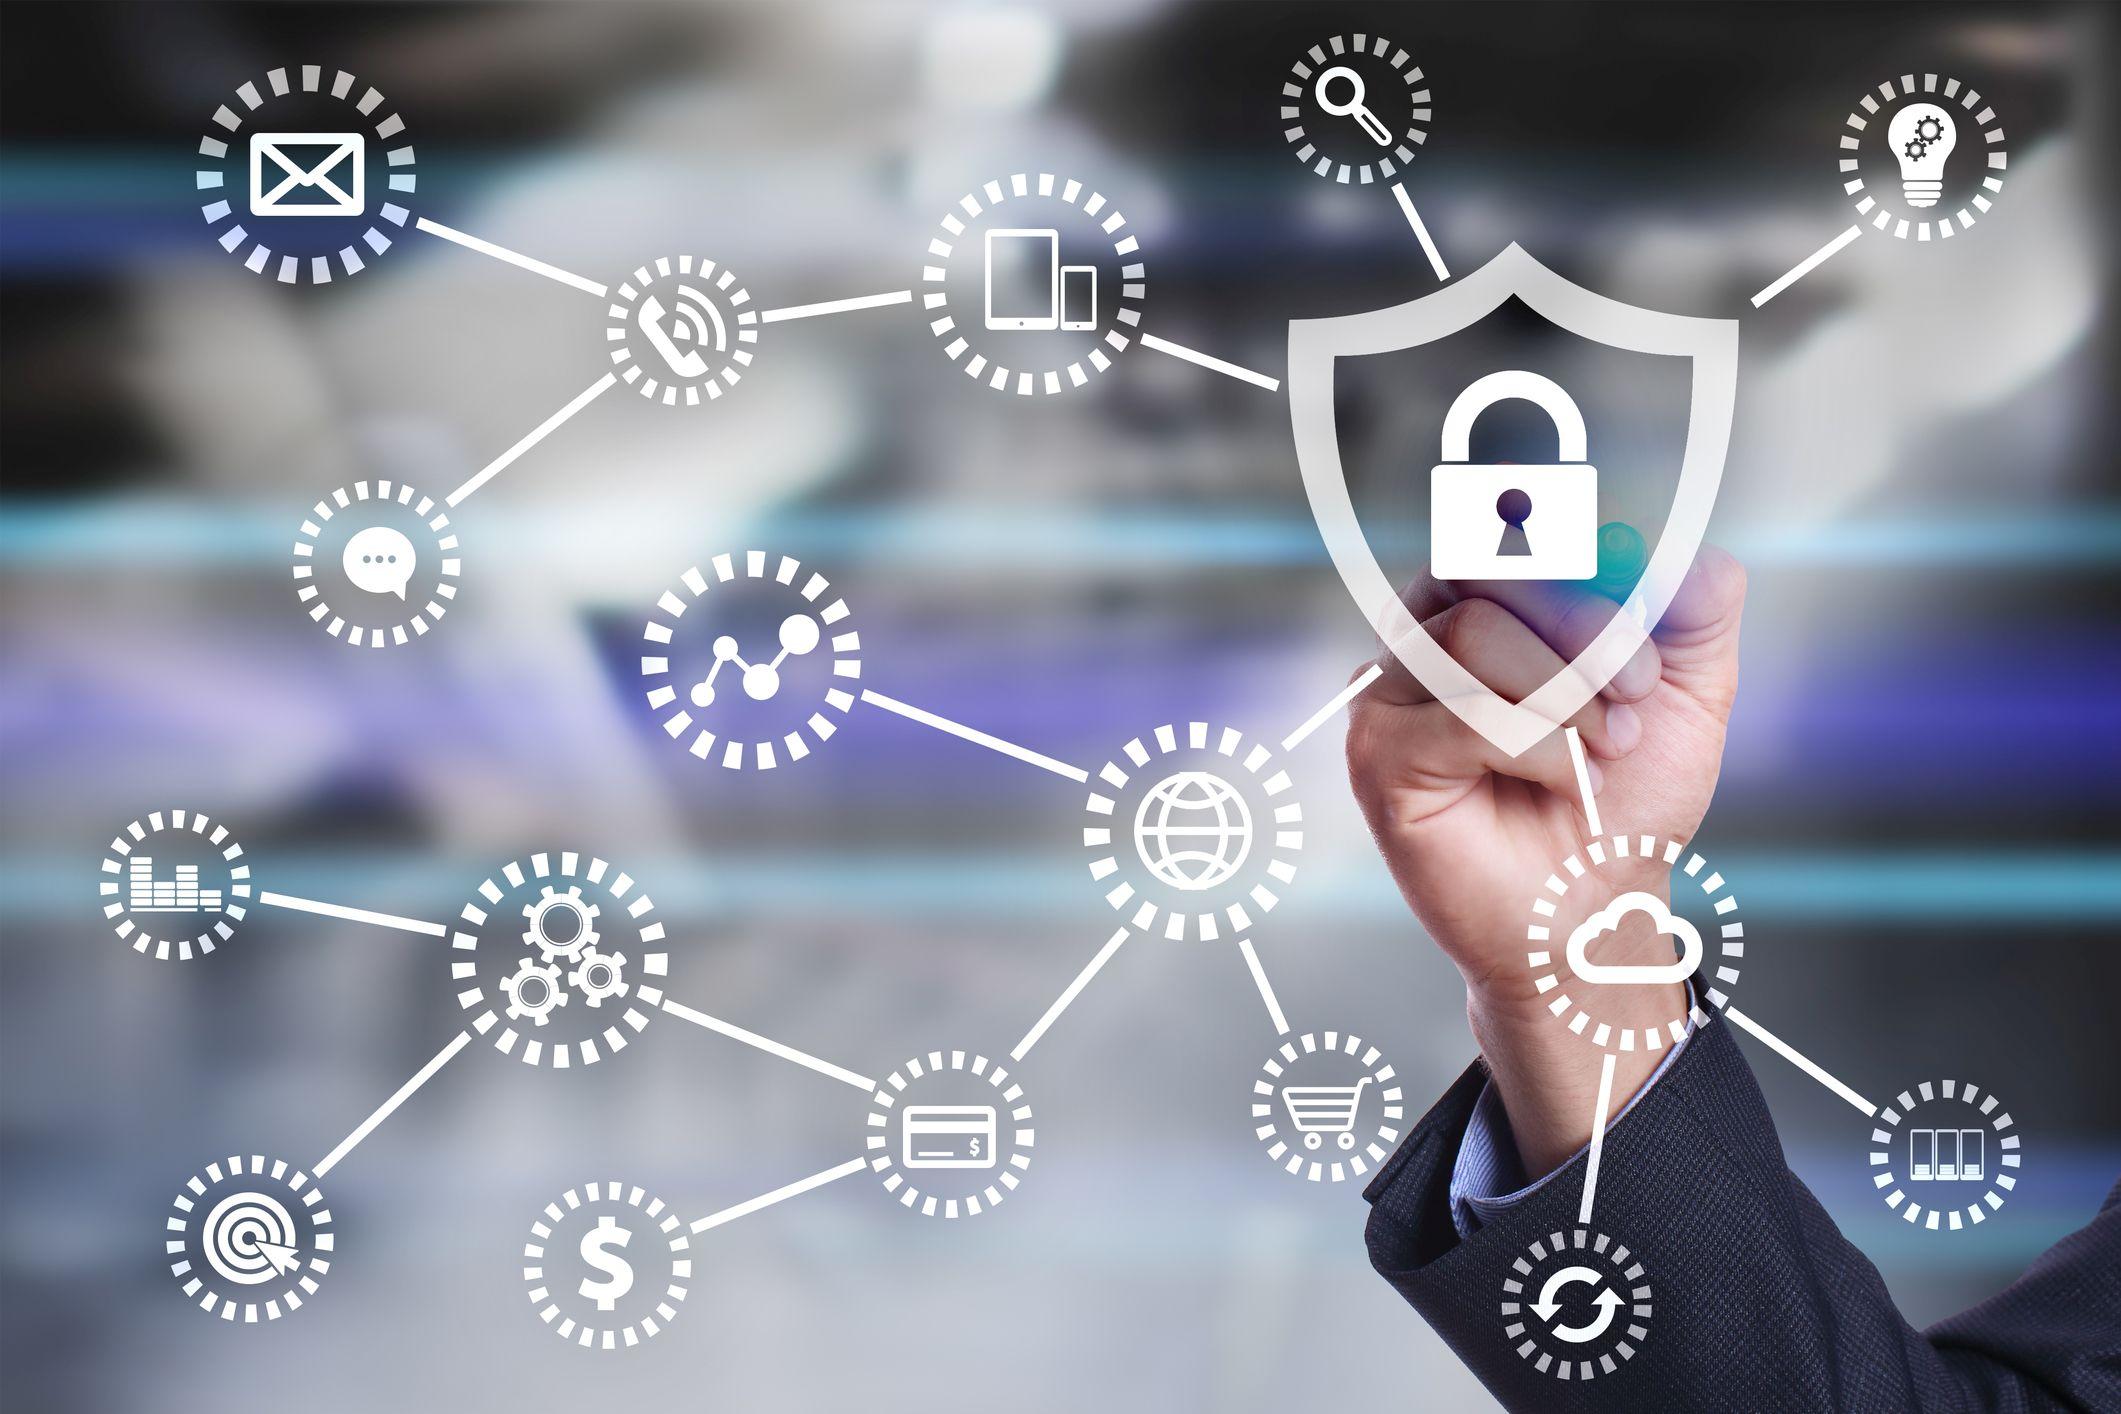 Datensicherheit umfasst viele Aspekte - wenn man sie denn beachtet